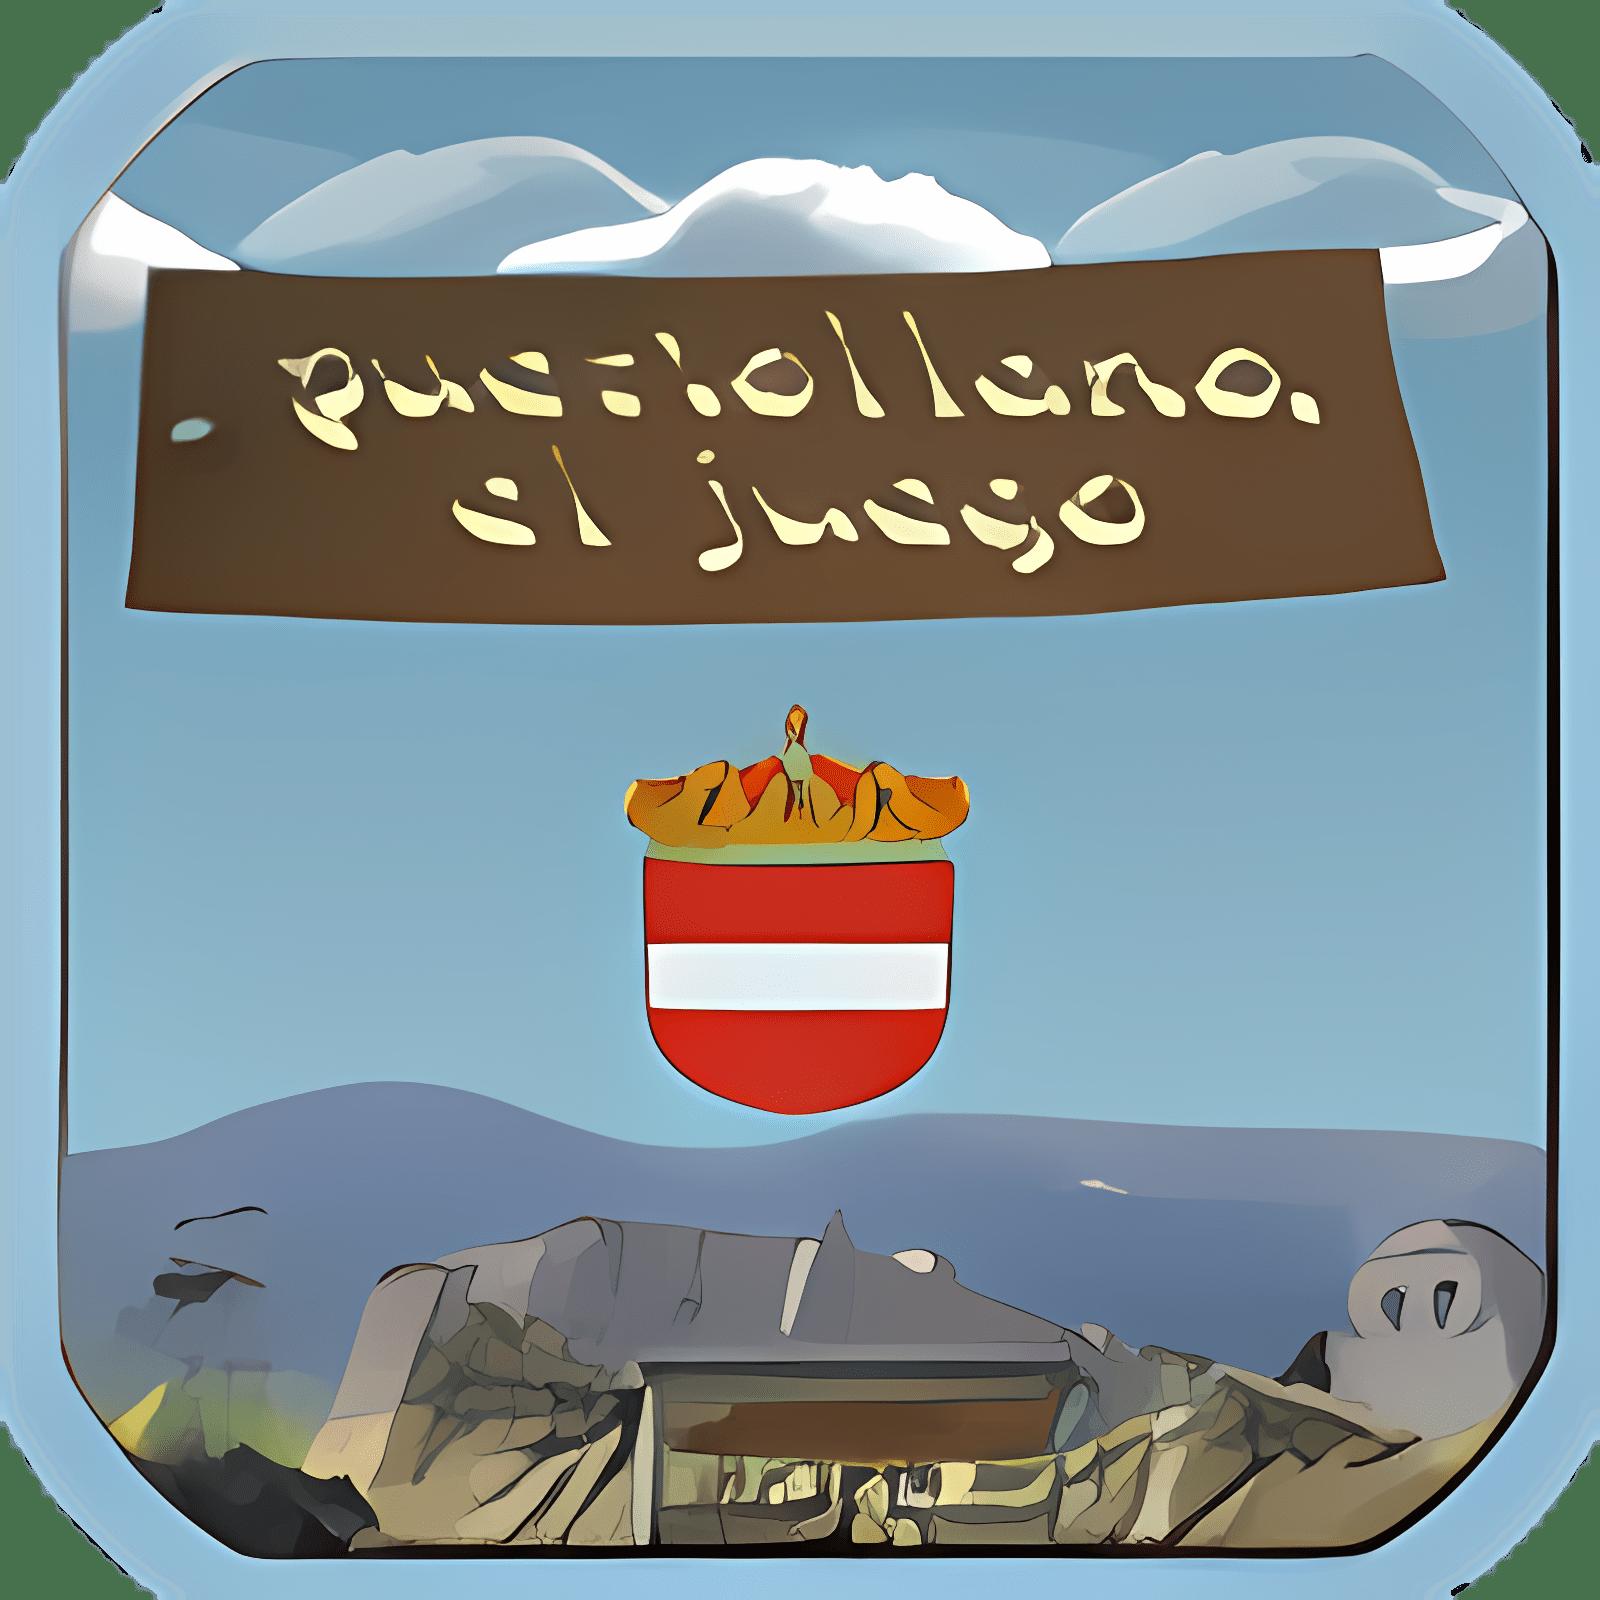 puertollano, el juego 2.3